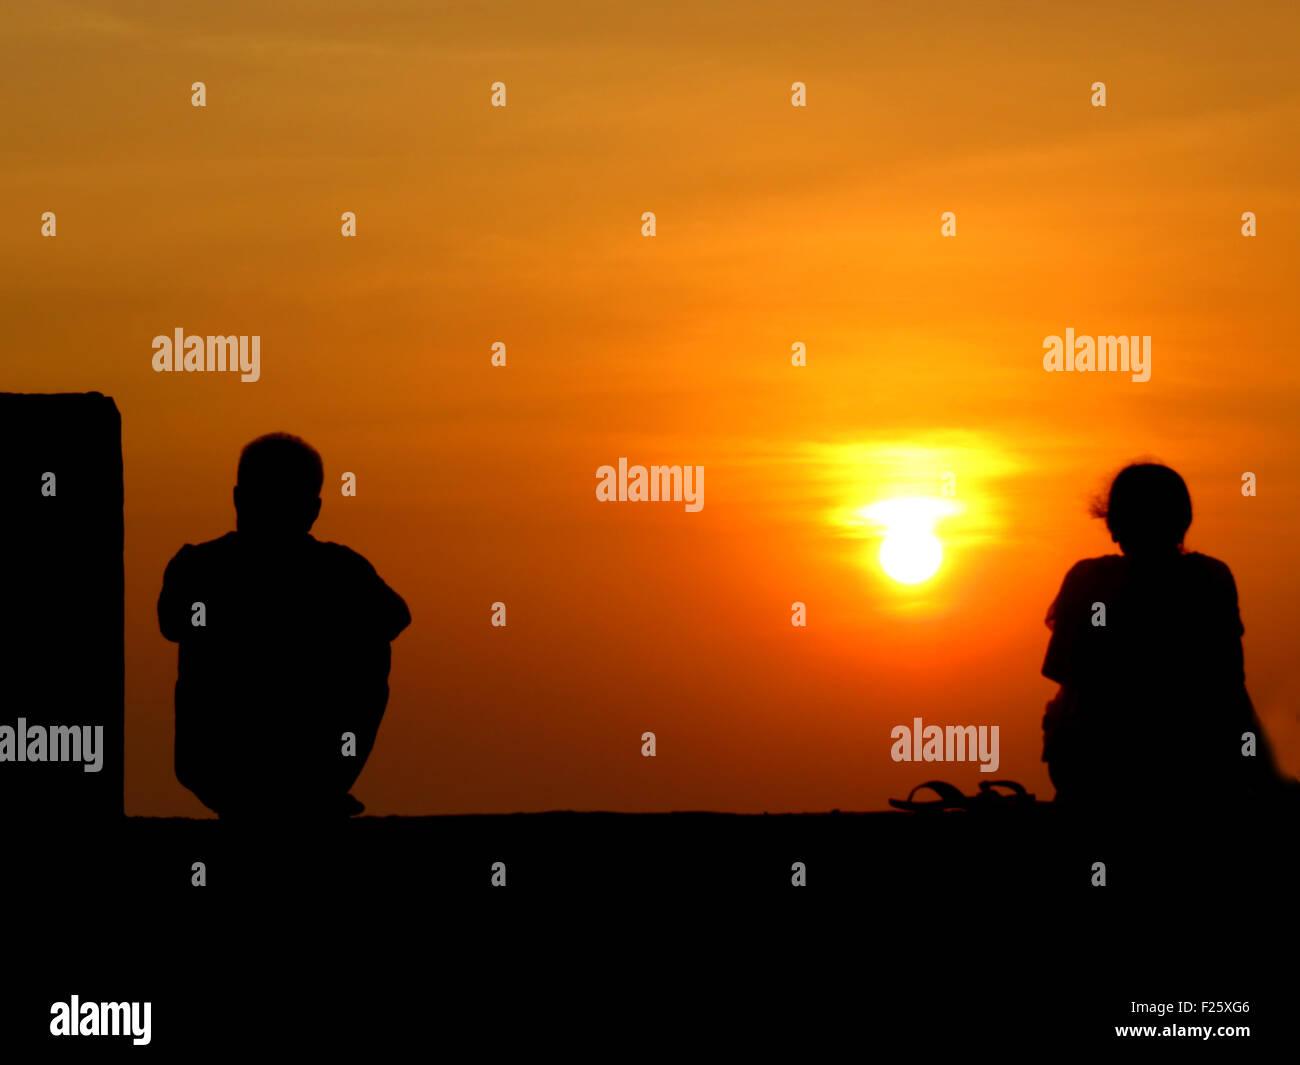 Una immagine metaforica delle sagome di un separato giovane sullo sfondo di un tramonto. Immagini Stock